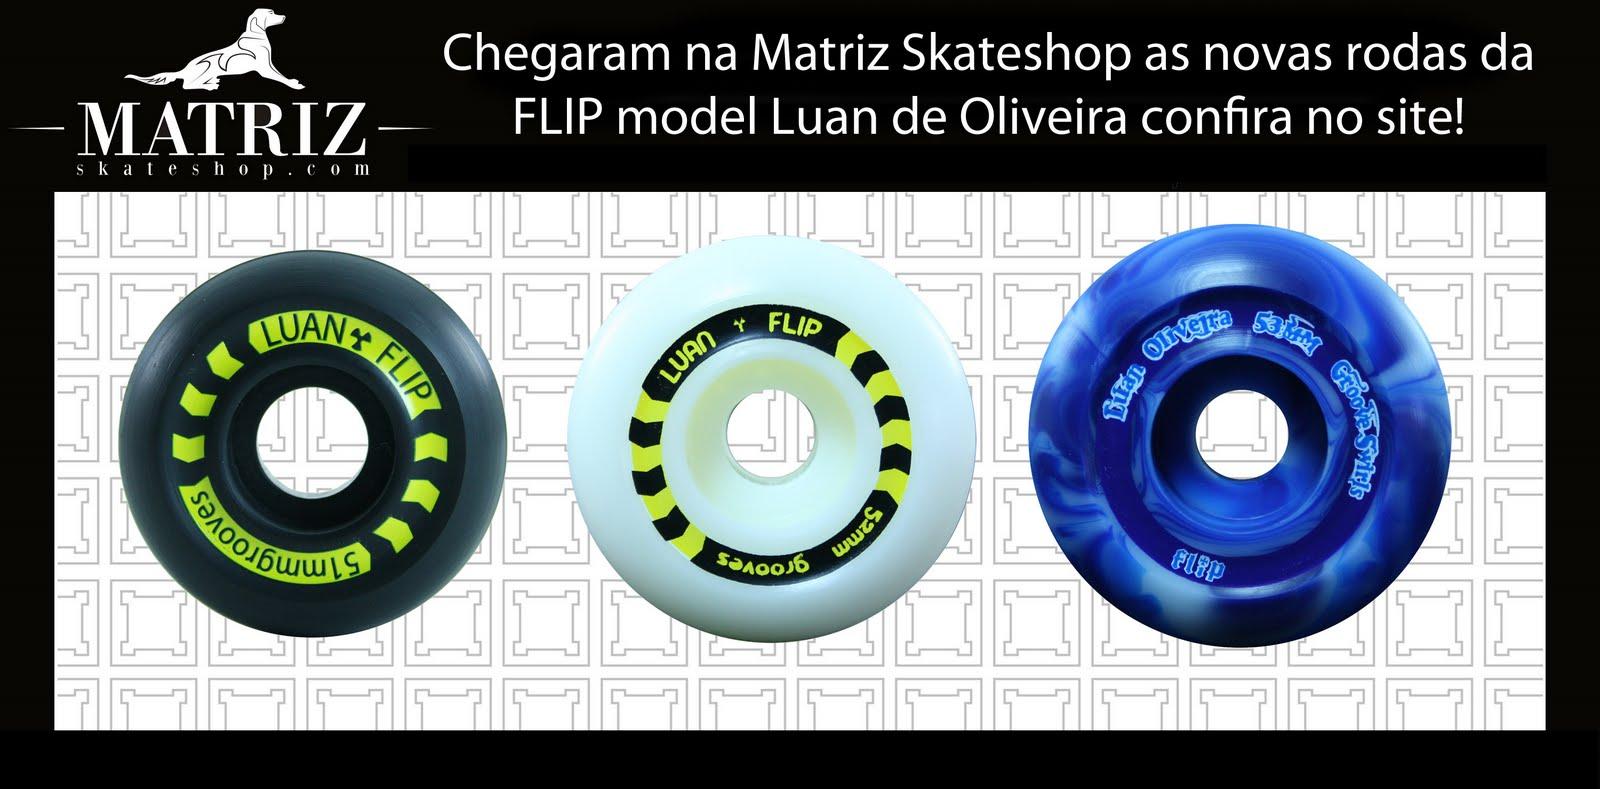 Chegaram exclusivamente na Matriz Skateshop as novas rodas da FLIP model  Luan de Oliveira b20d74480c2